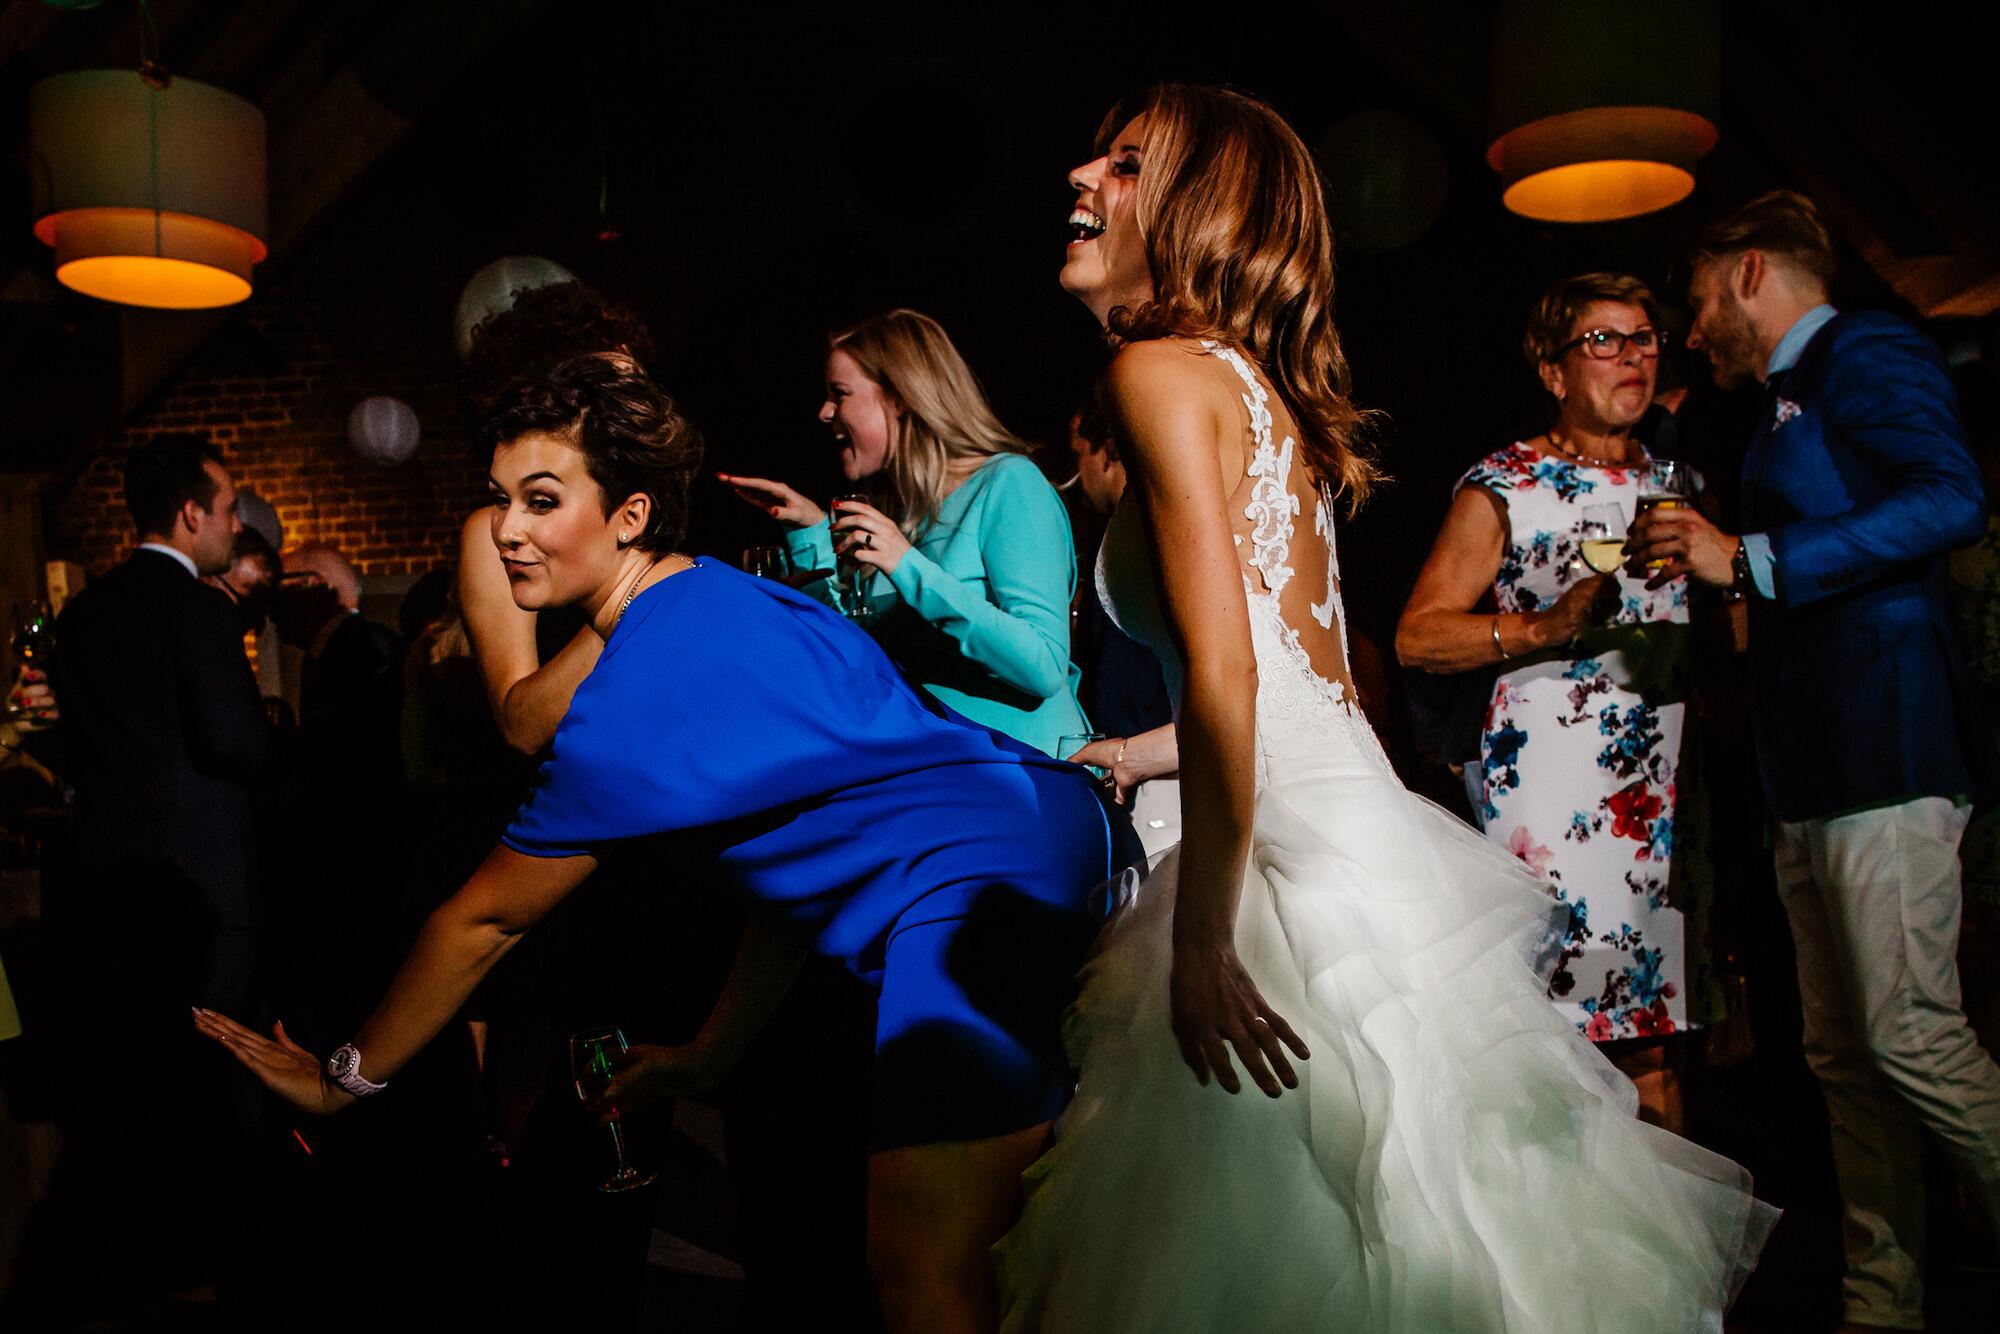 kasteelhoeve-geldrop-bruidsfotograaf-25.jpg